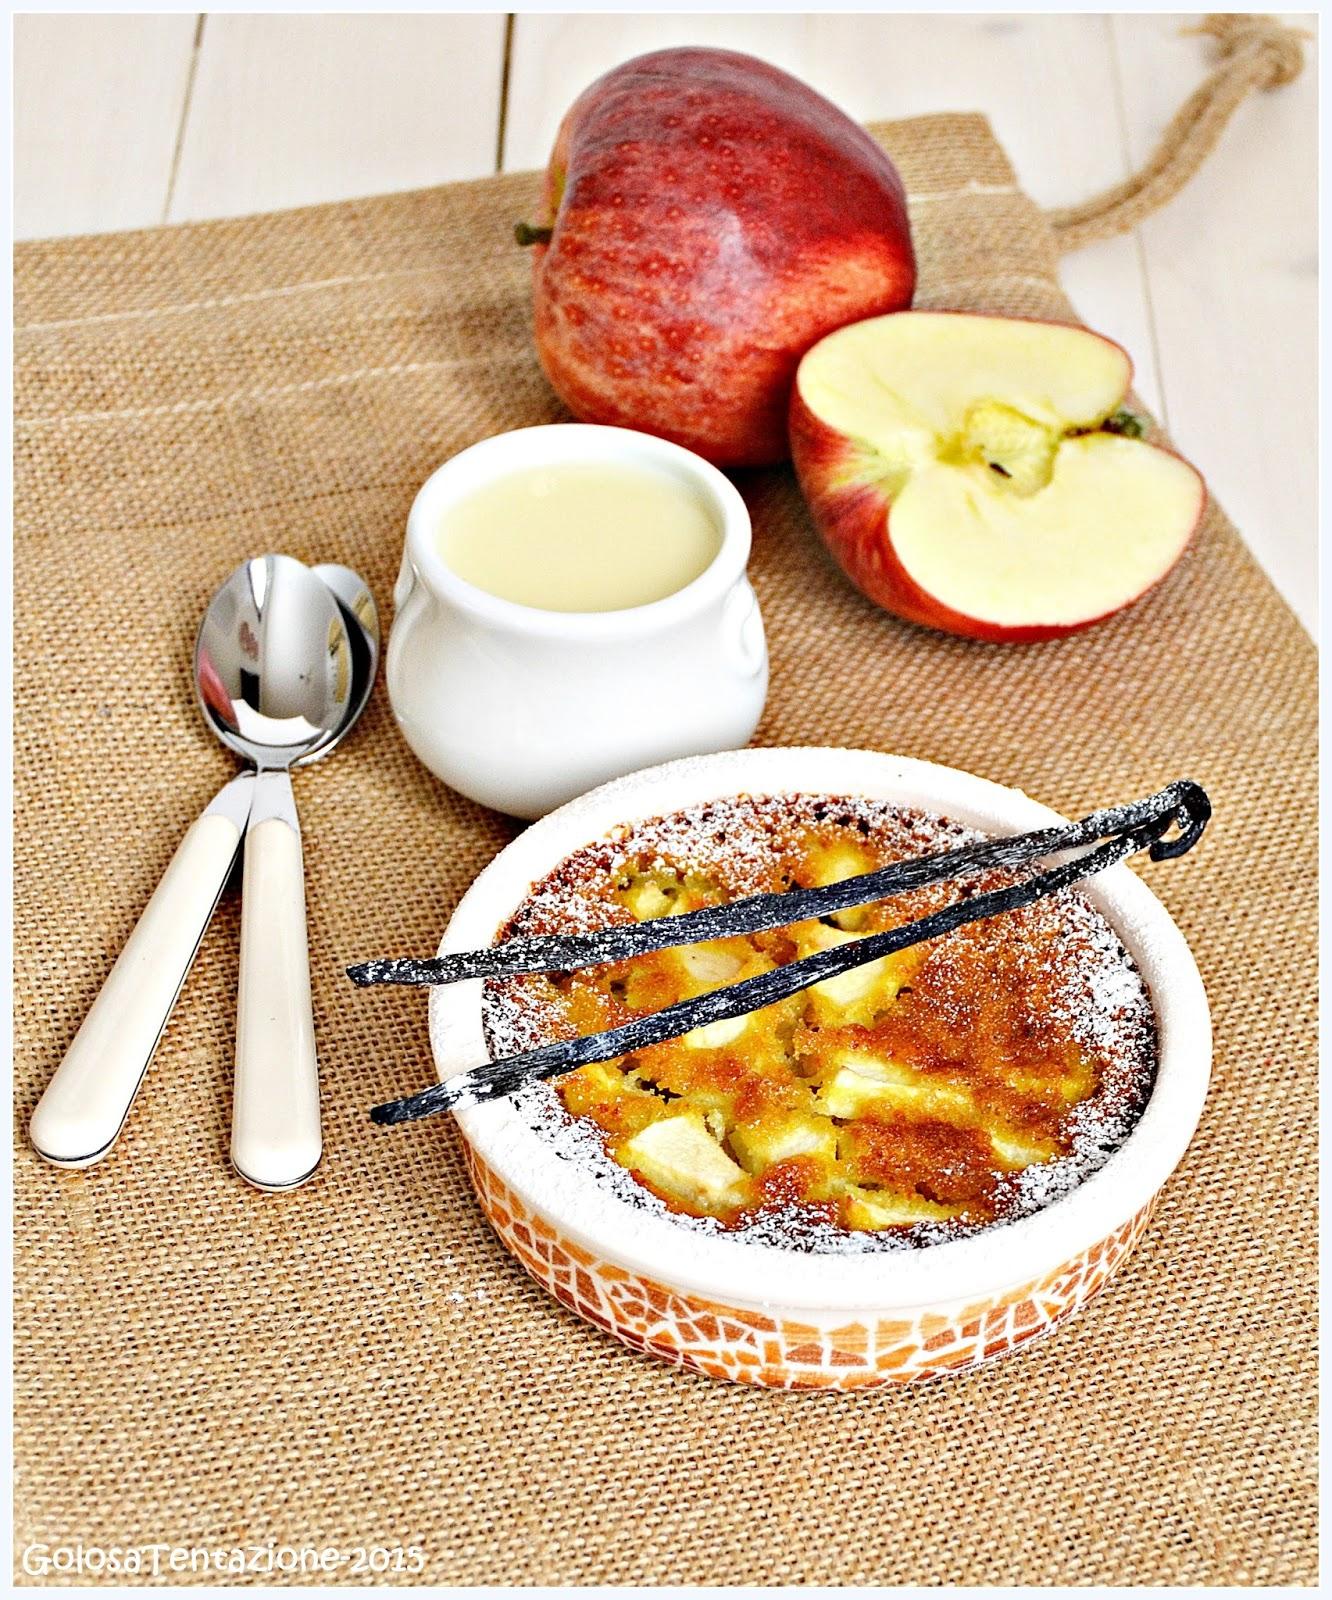 tortini di mele con crema inglese alla vaniglia